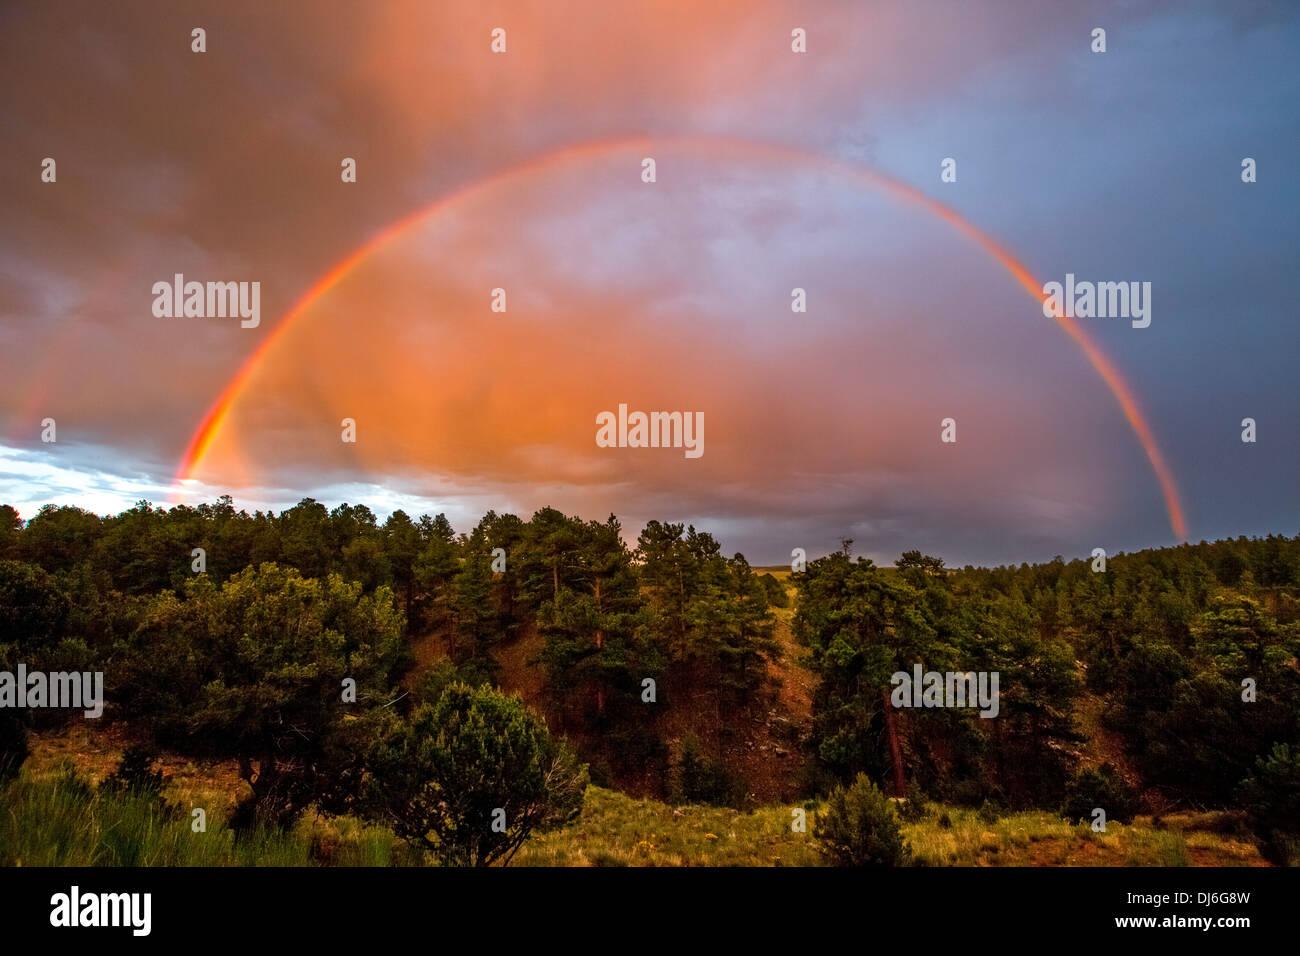 Rainbow over pine trees - Stock Image